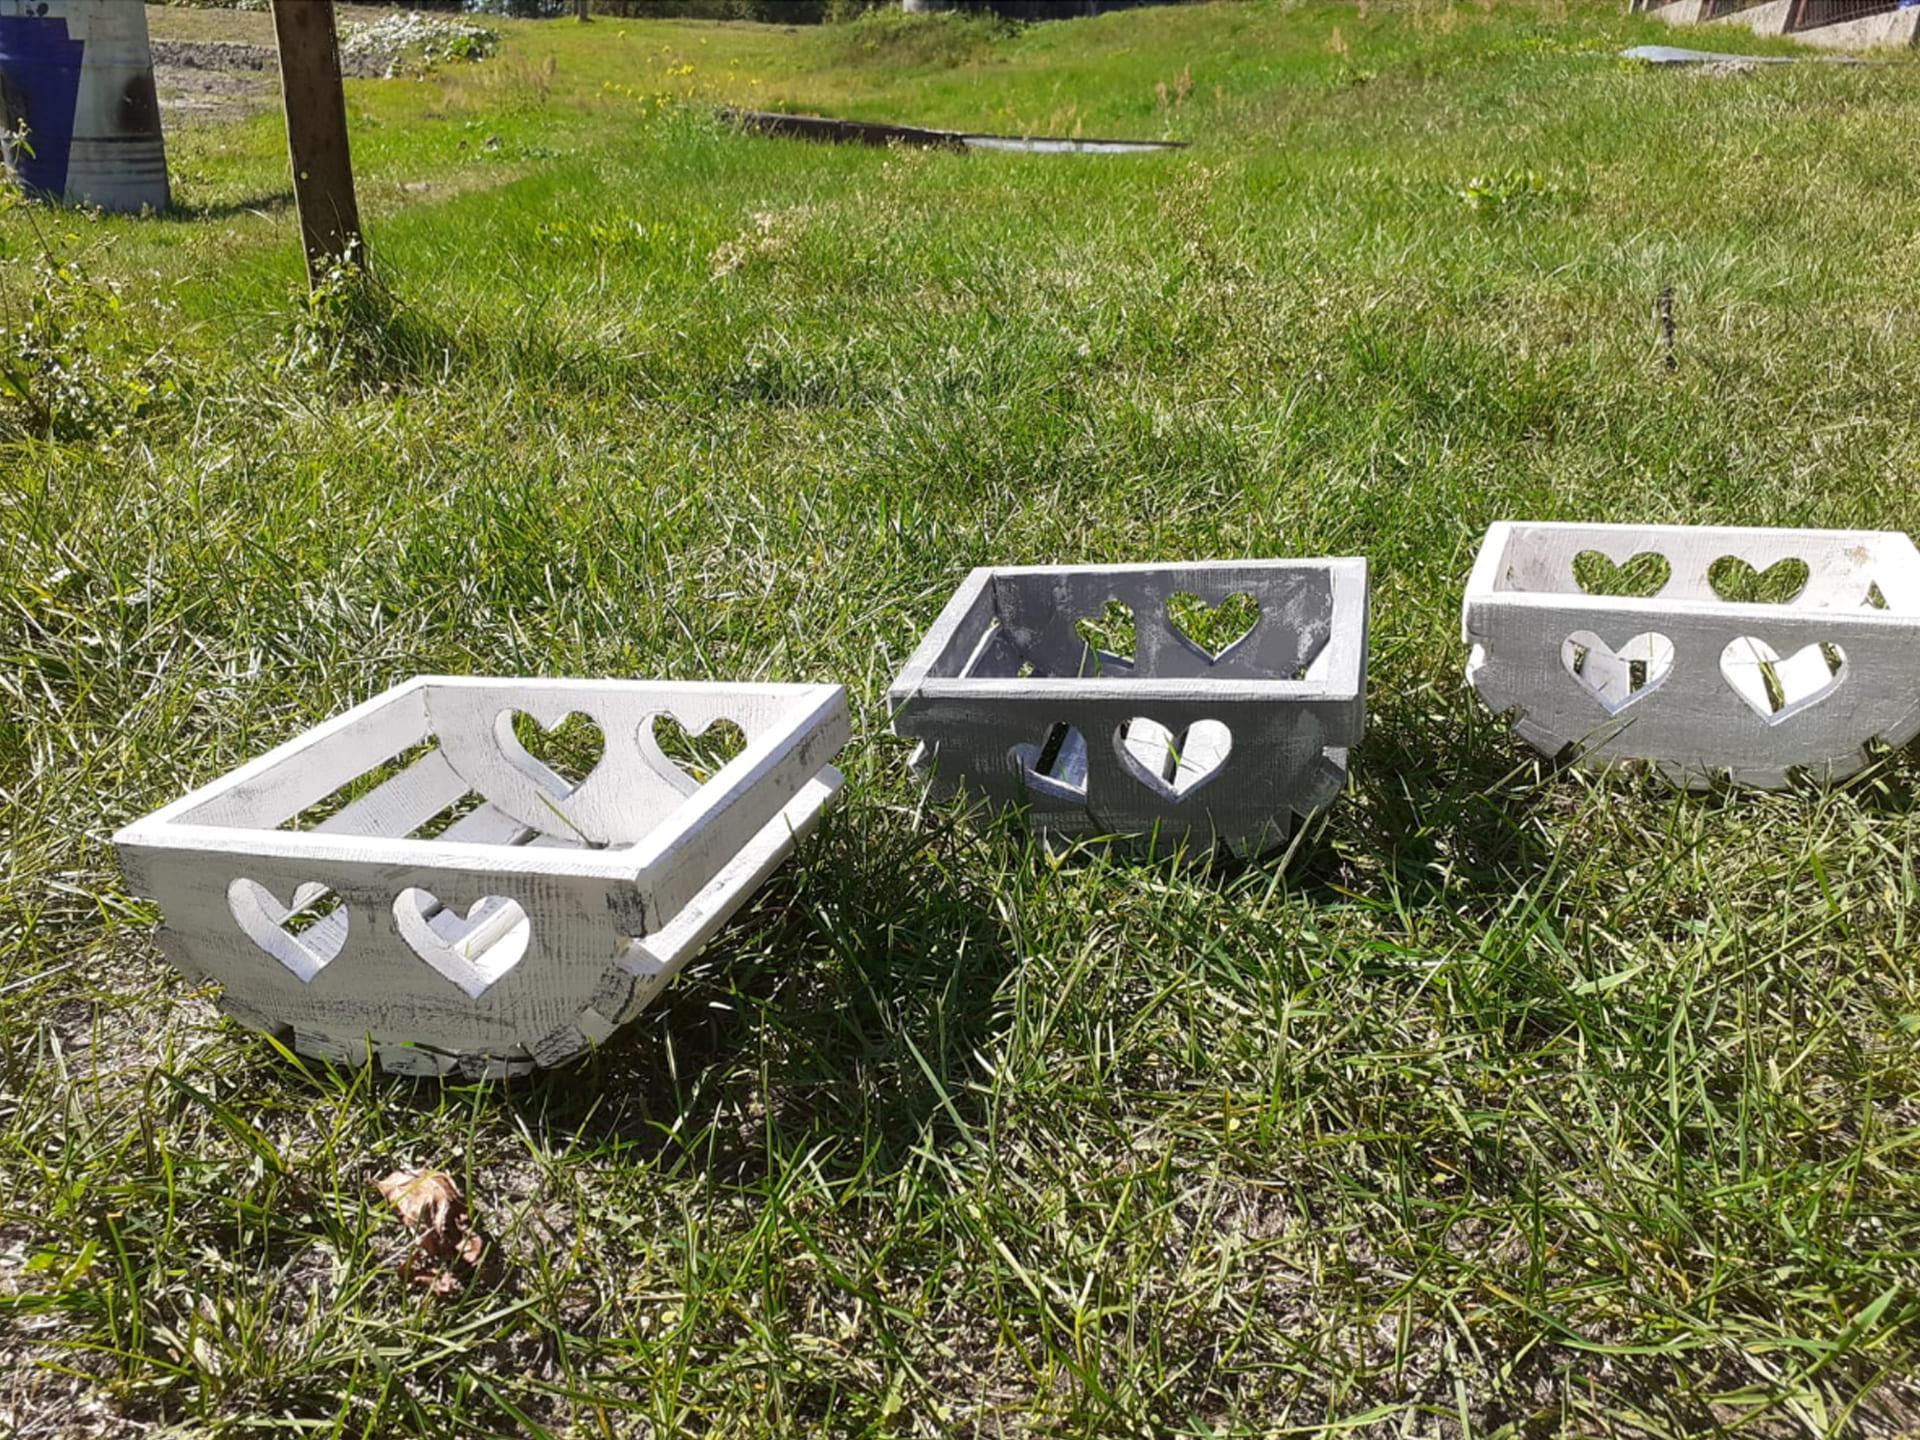 Trzy drewniane skrzynki leżą na trawie. Ozdobione są wyciętymi sercami w drewnie.